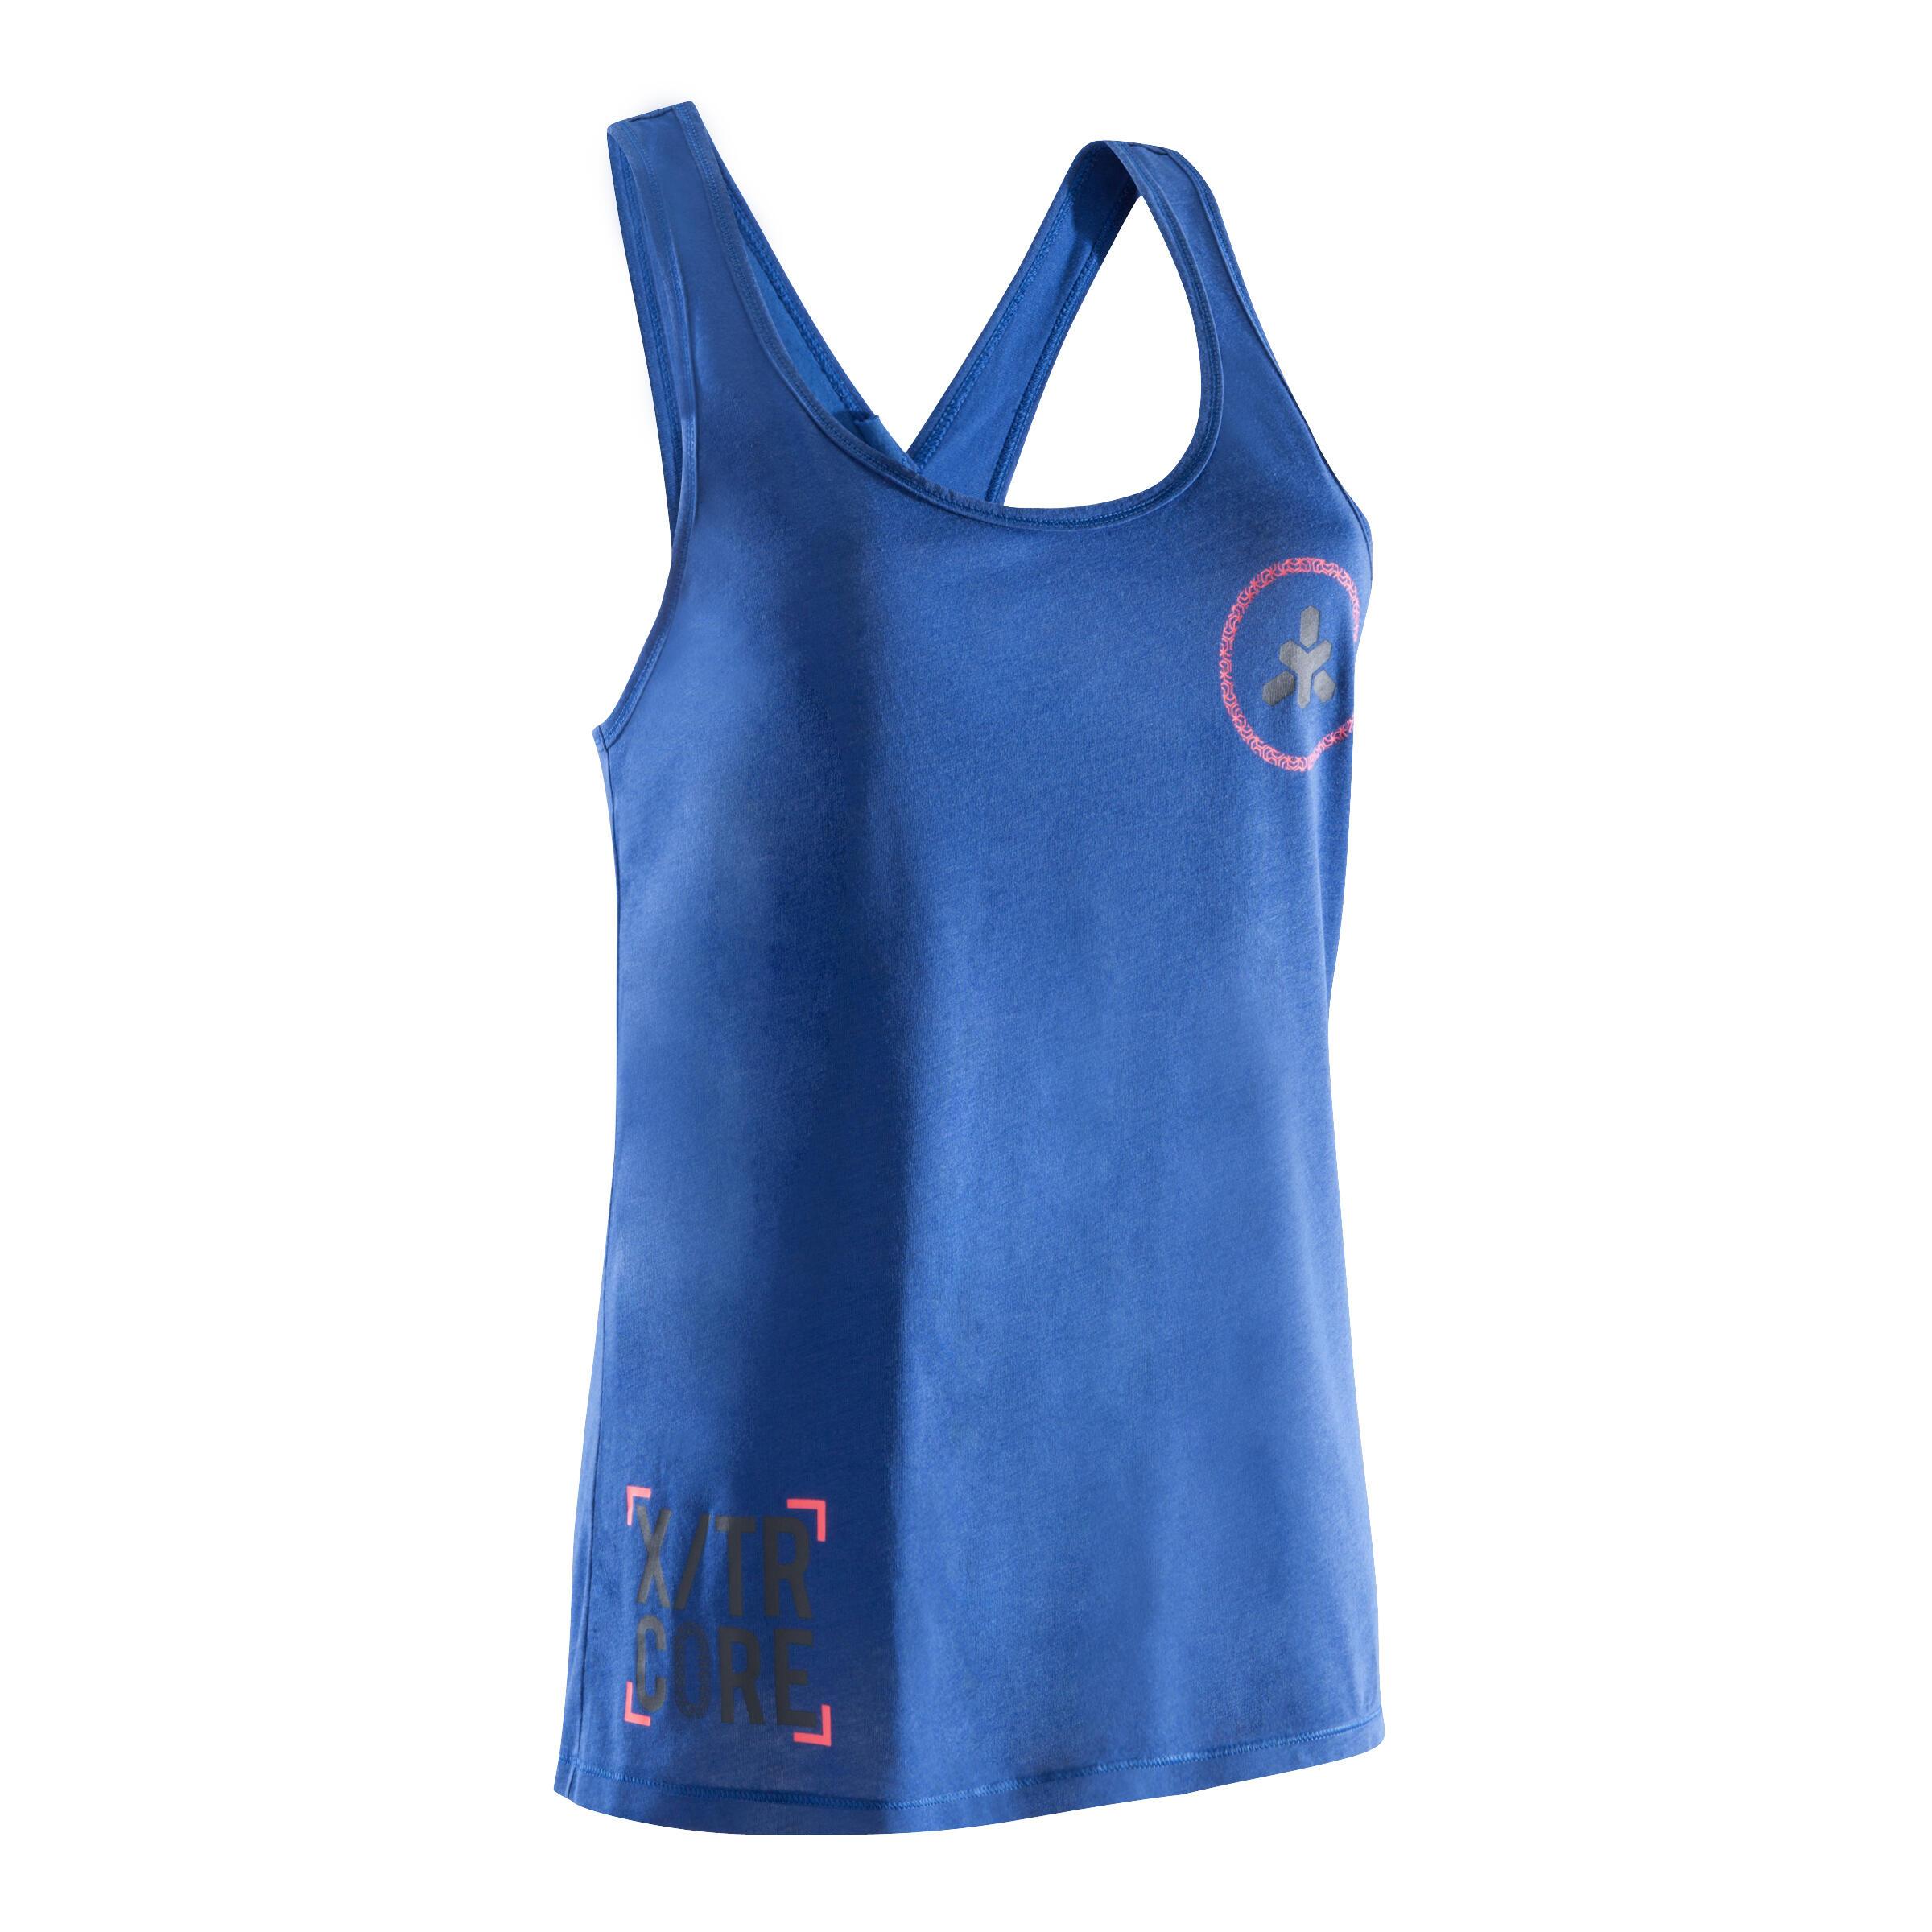 Domyos Fitness top crosstraining voor dames, blauw